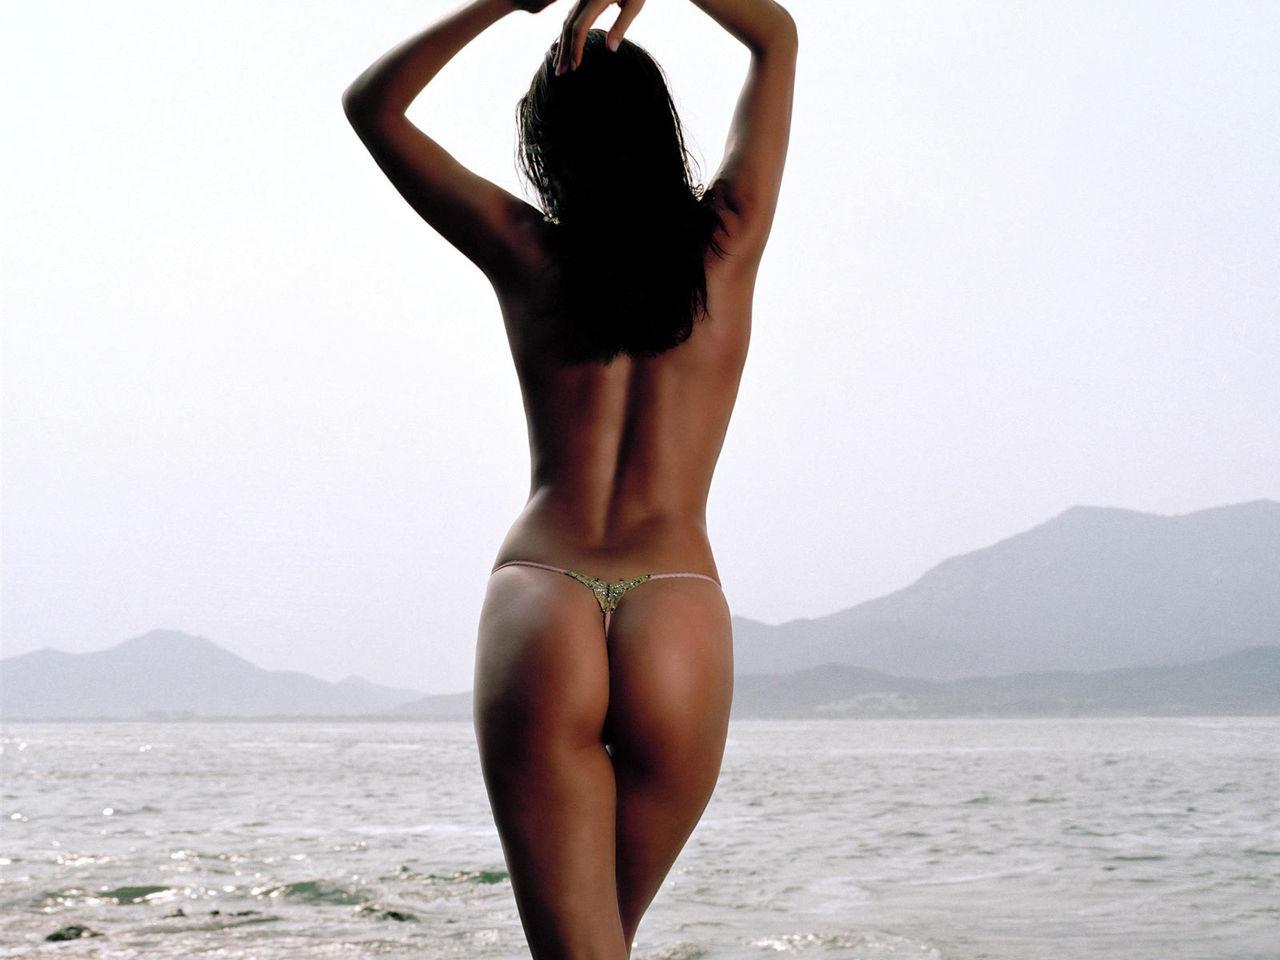 Что творится фото попы со спины быстро придумали